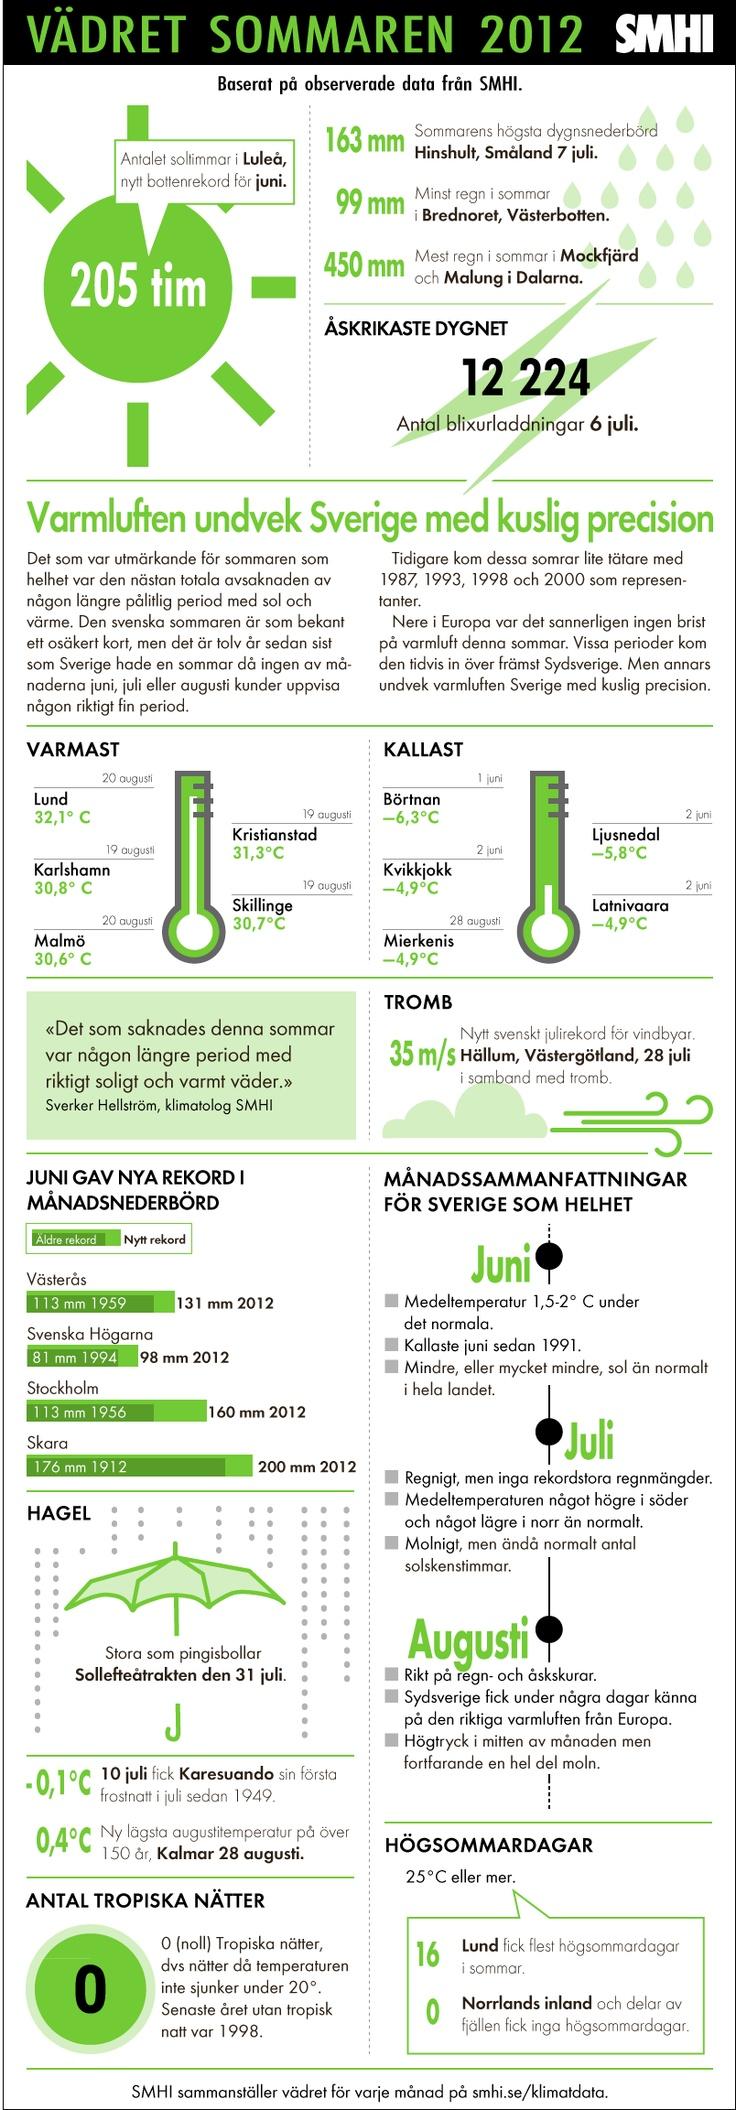 Sveriges sommar 2012 - 14 år sedan som Sverige inte hade en enda tropisk natt, dvs när temperaturen inte sjunker under 20°C